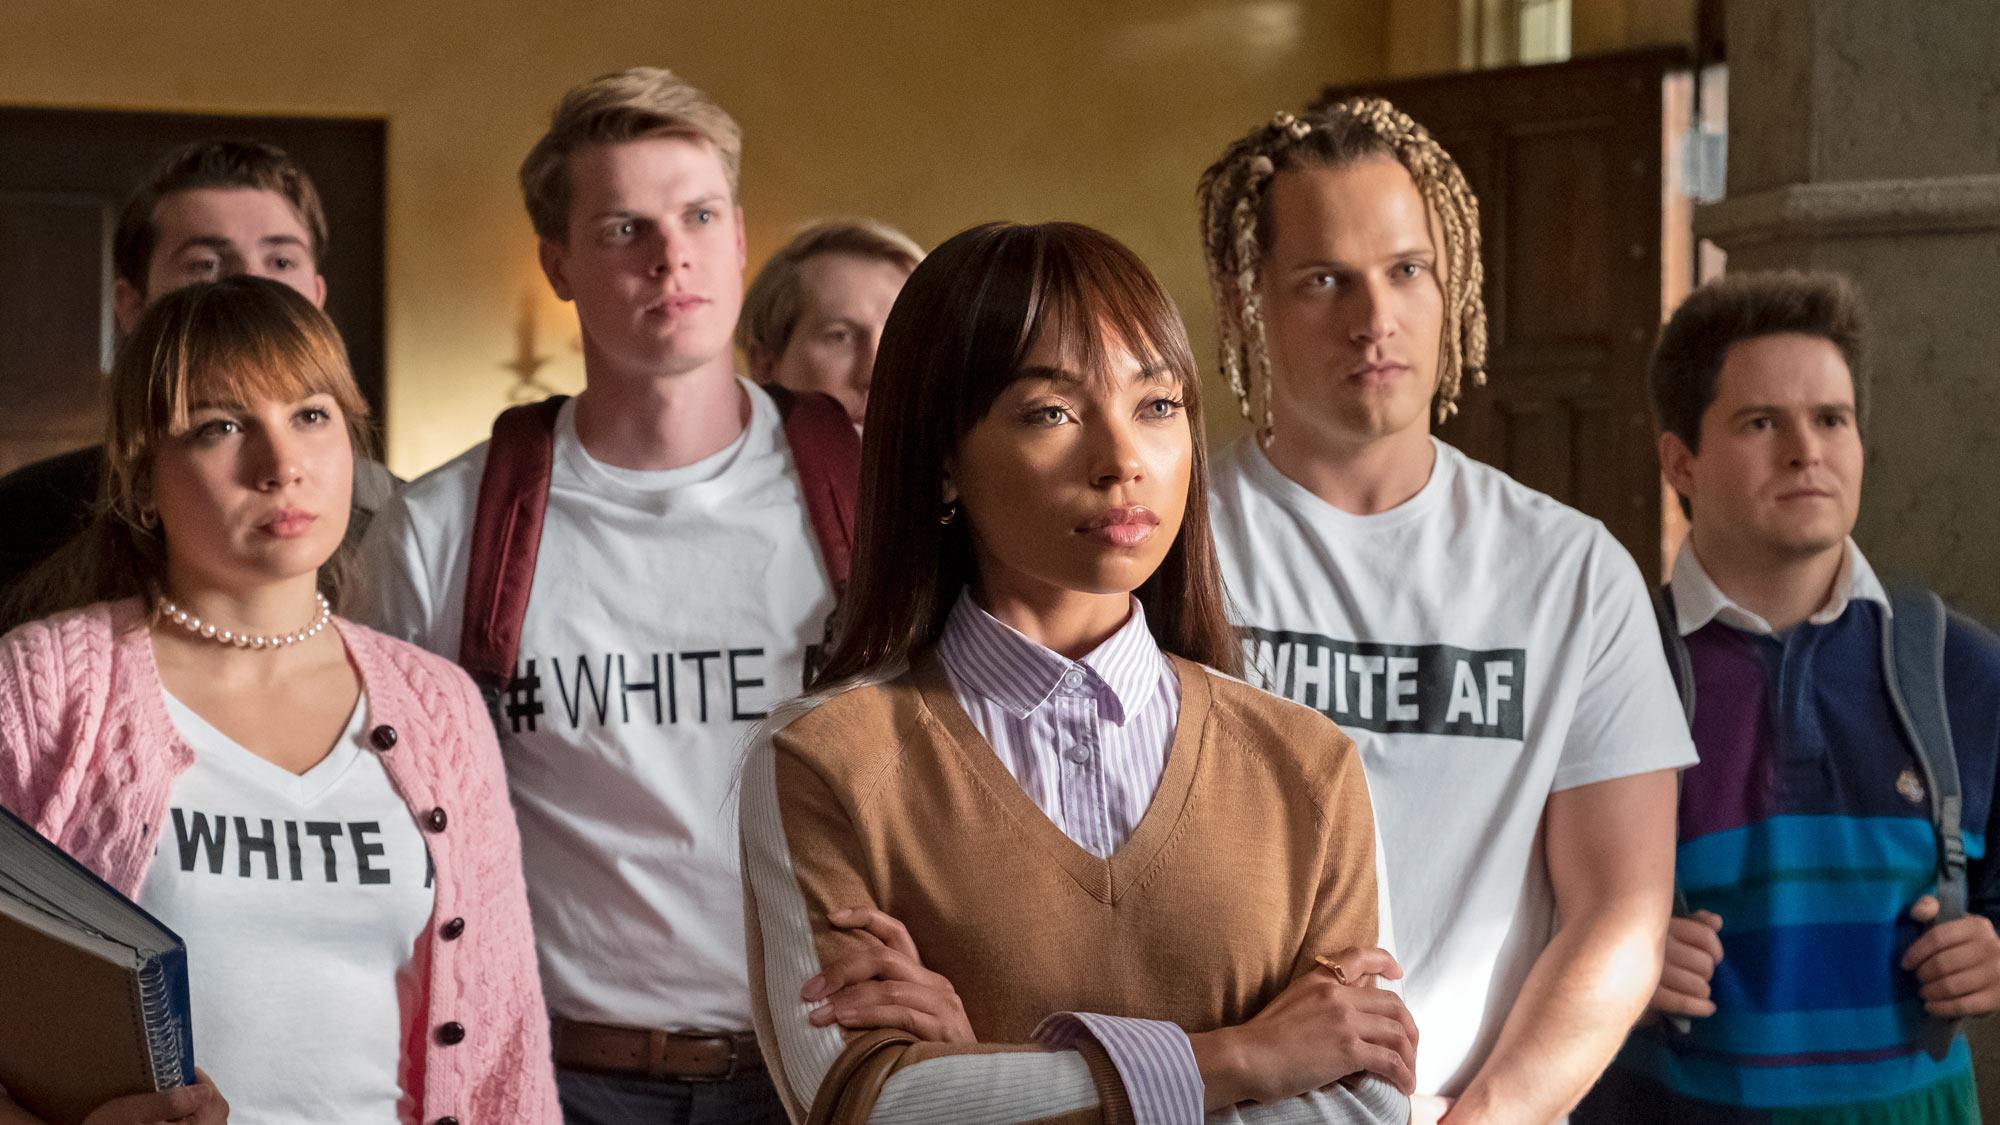 Dear White People ending on Netflix